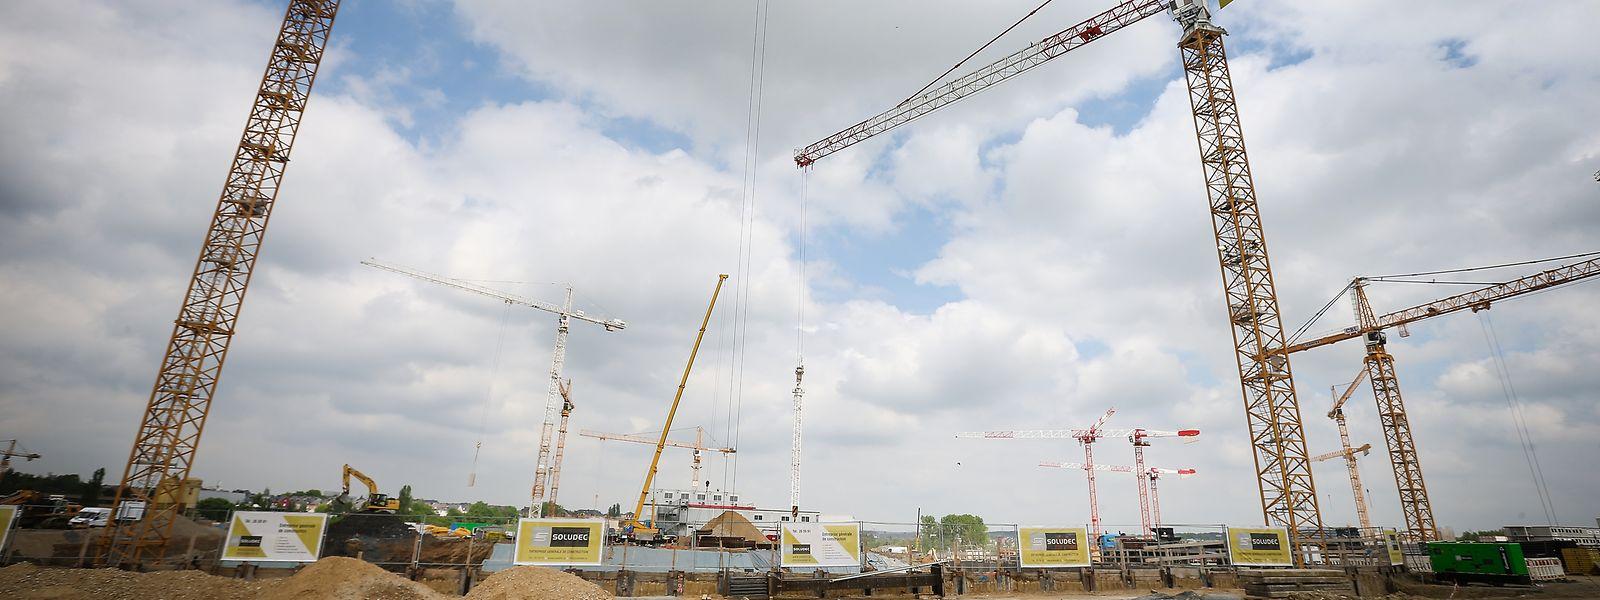 Tous les chantiers sont désormais à l'arrêt au pays en raison de la crise du covid-19